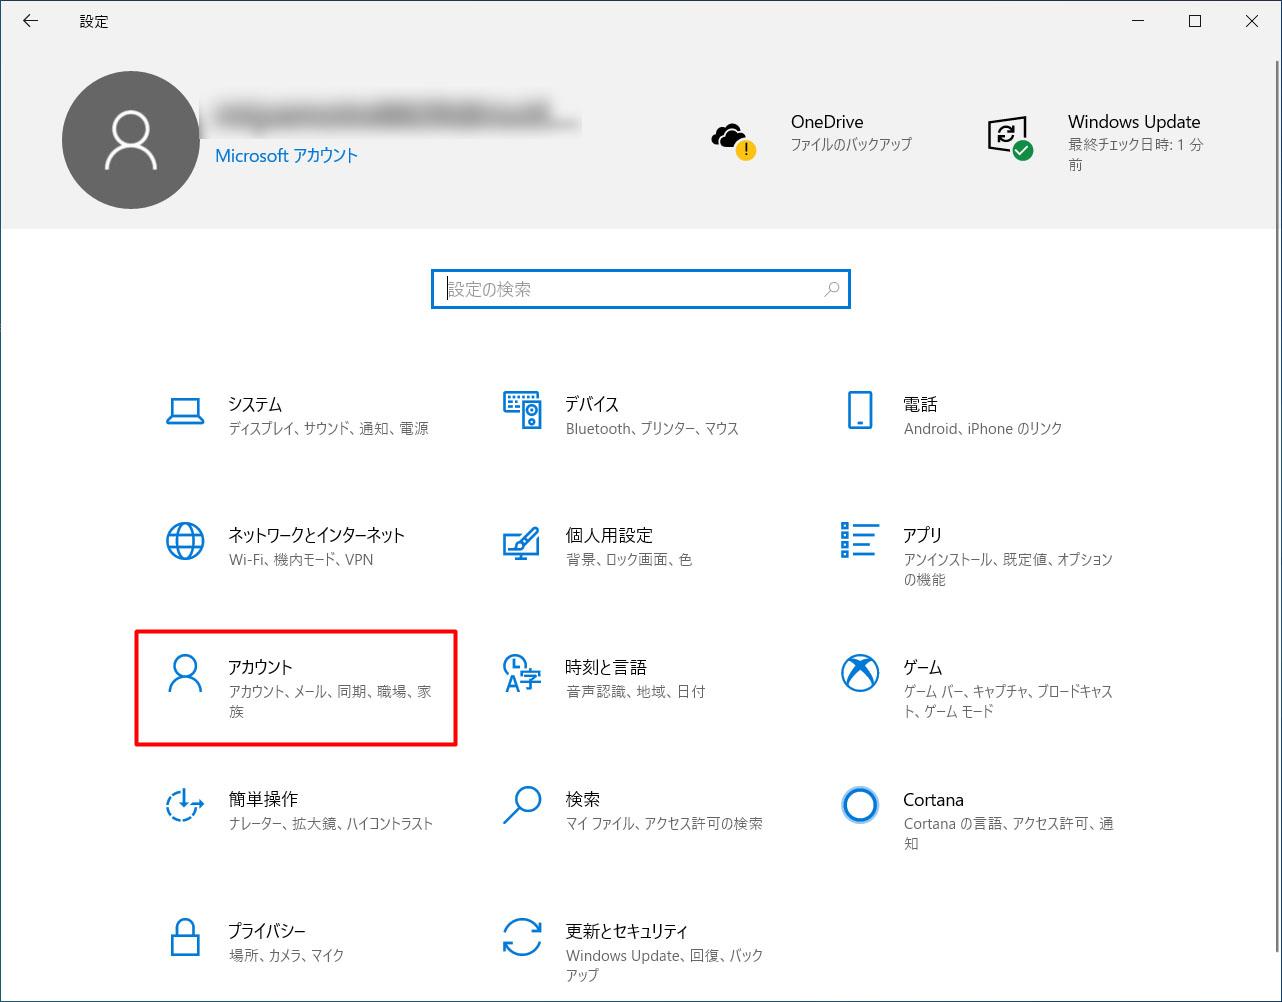 パスワード 変更 アカウント マイクロソフト